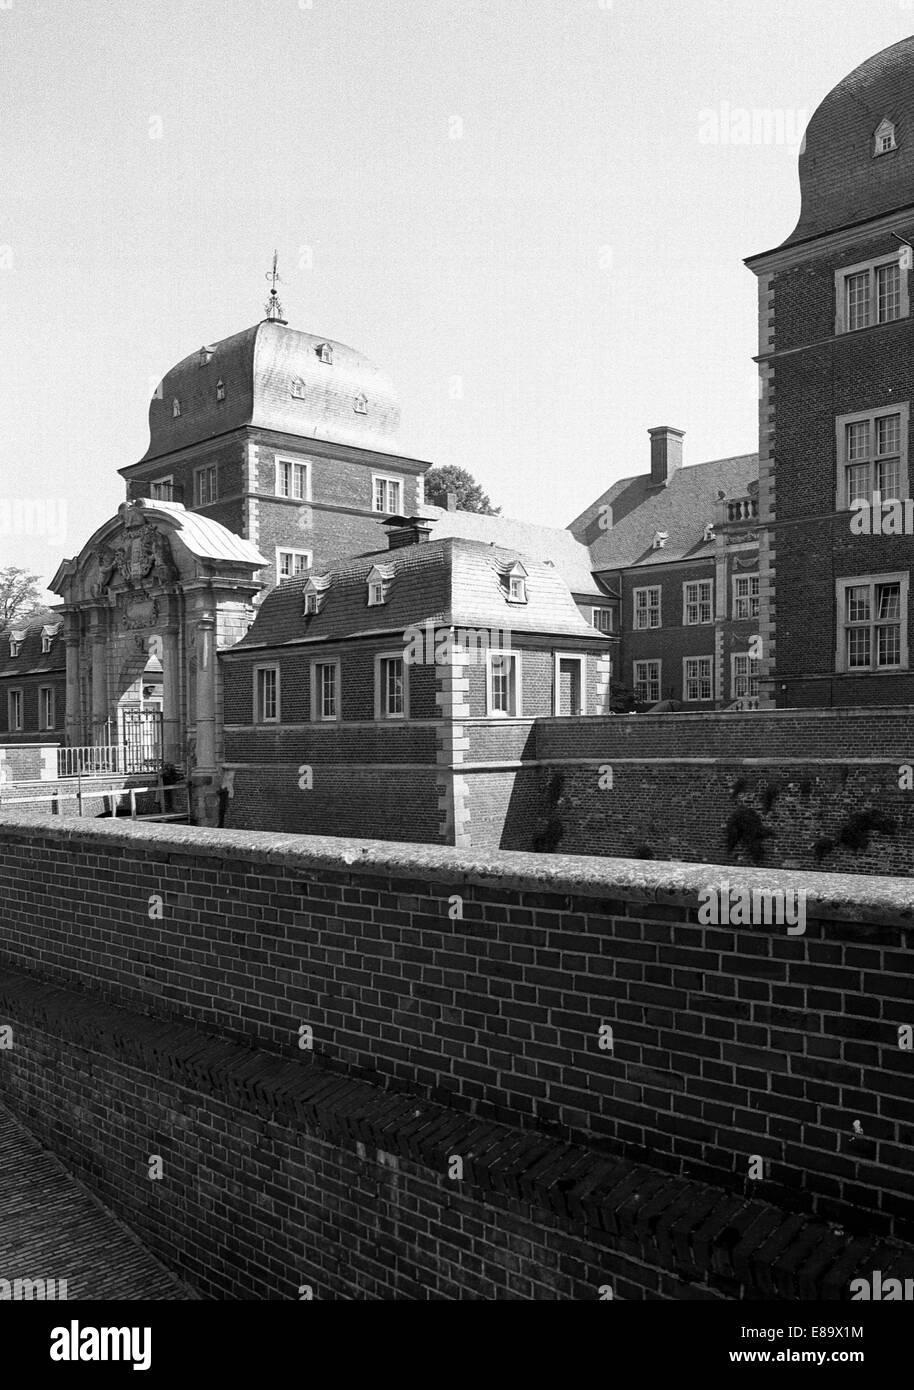 Achtziger Jahre, Wasserschloss in Ahaus, Muensterland, Nordrhein-Westfalen - Stock Image